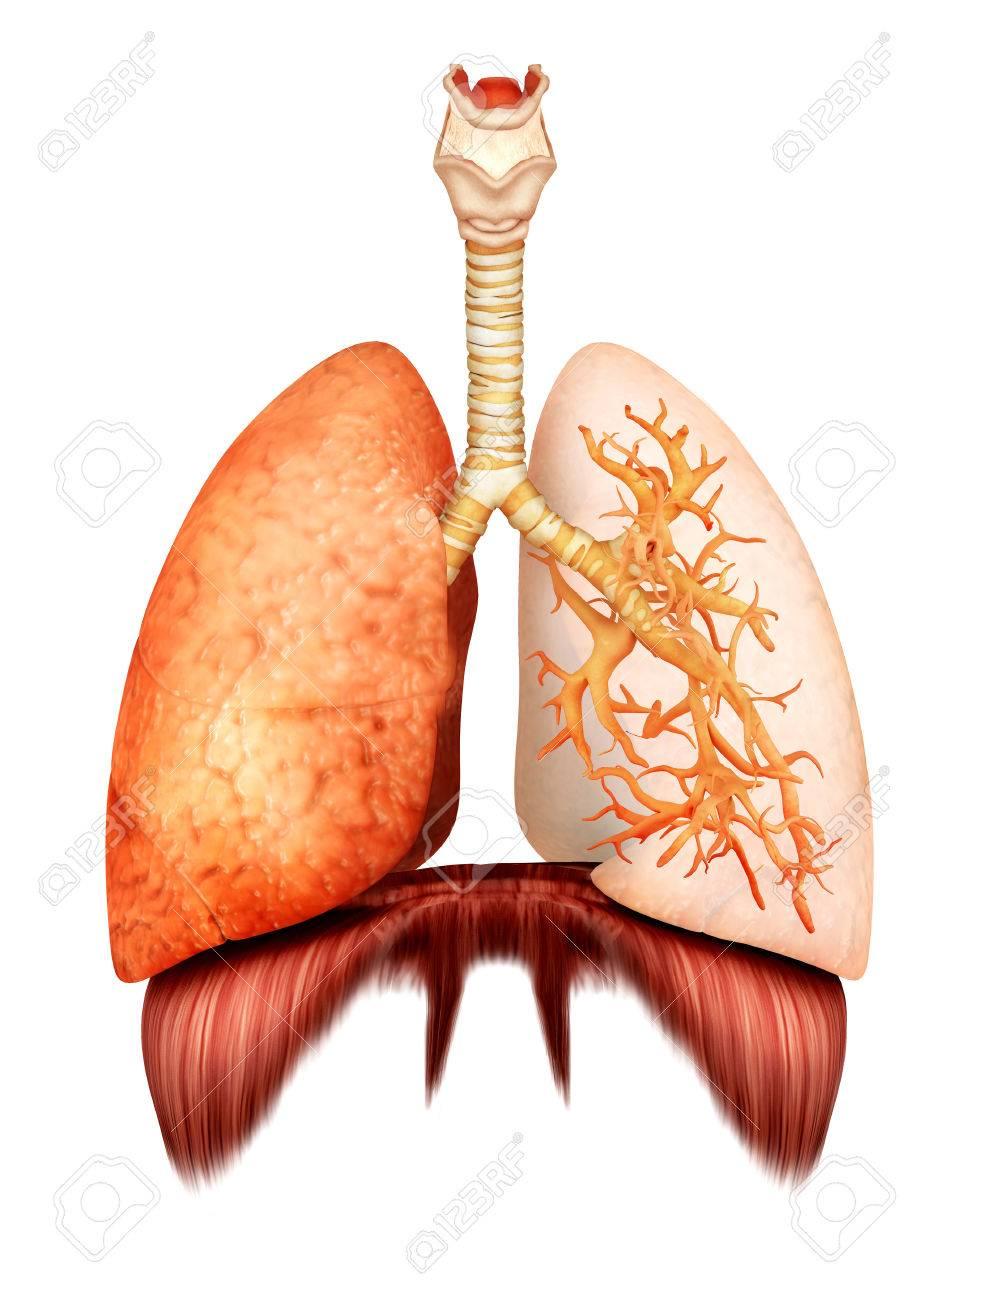 Anatomía Del Sistema Respiratorio Humano, Vista Frontal. Fotos ...